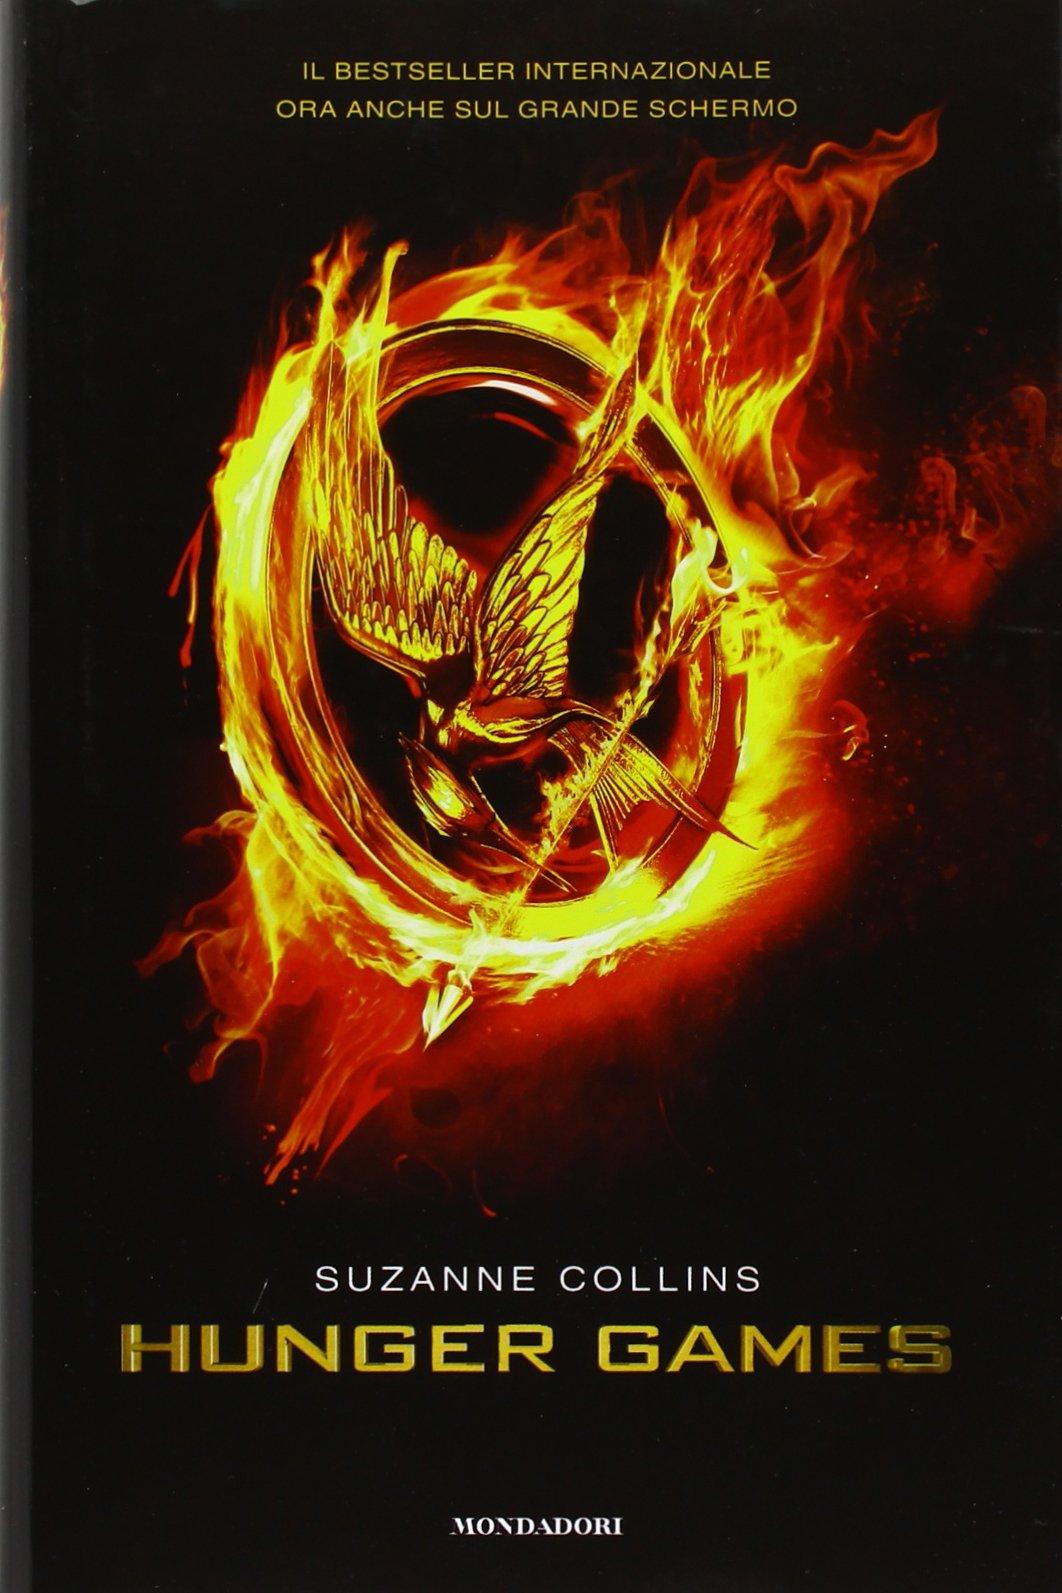 Hunger Games, primo romanzo della trilogia, 2008-2010